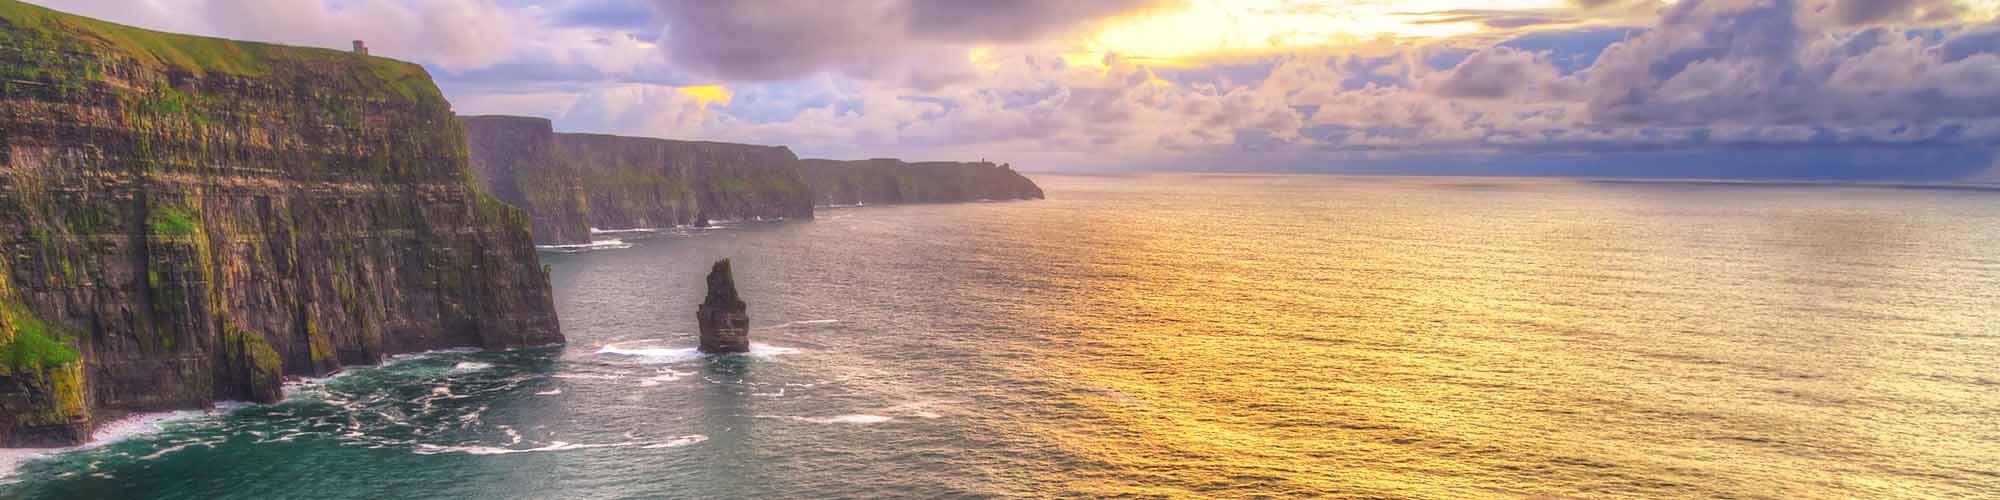 hidden cliff